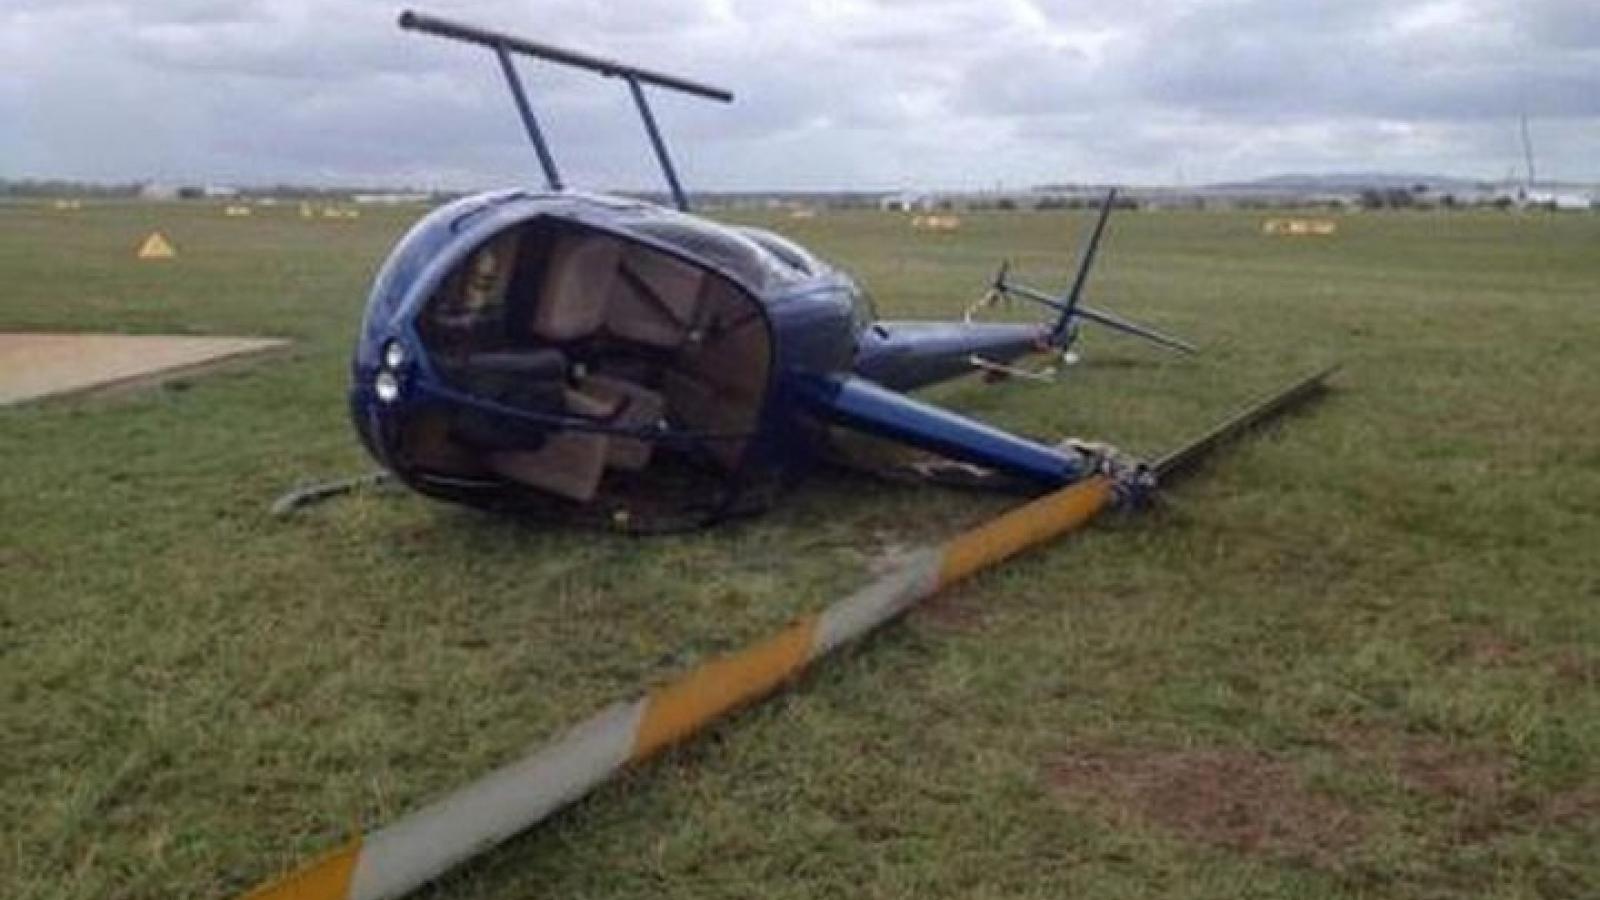 Tai nạn máy bay trực thăng tại Malaysia khiến 2 người thiệt mạng